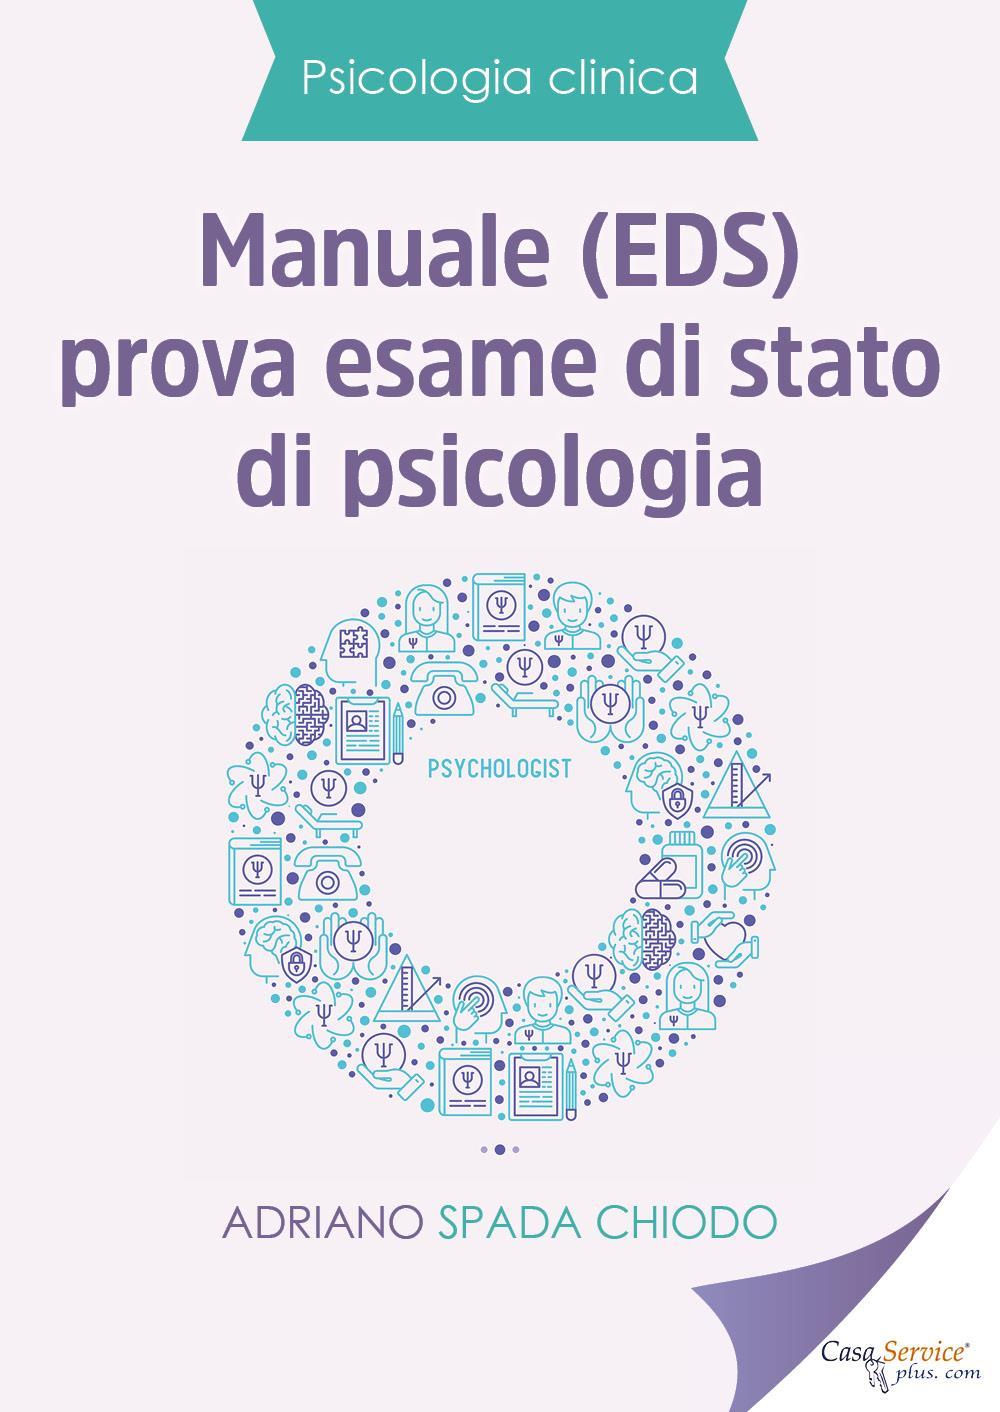 Psicologia Clinica - Manuale (EDS) prova esame di stato di psicologia